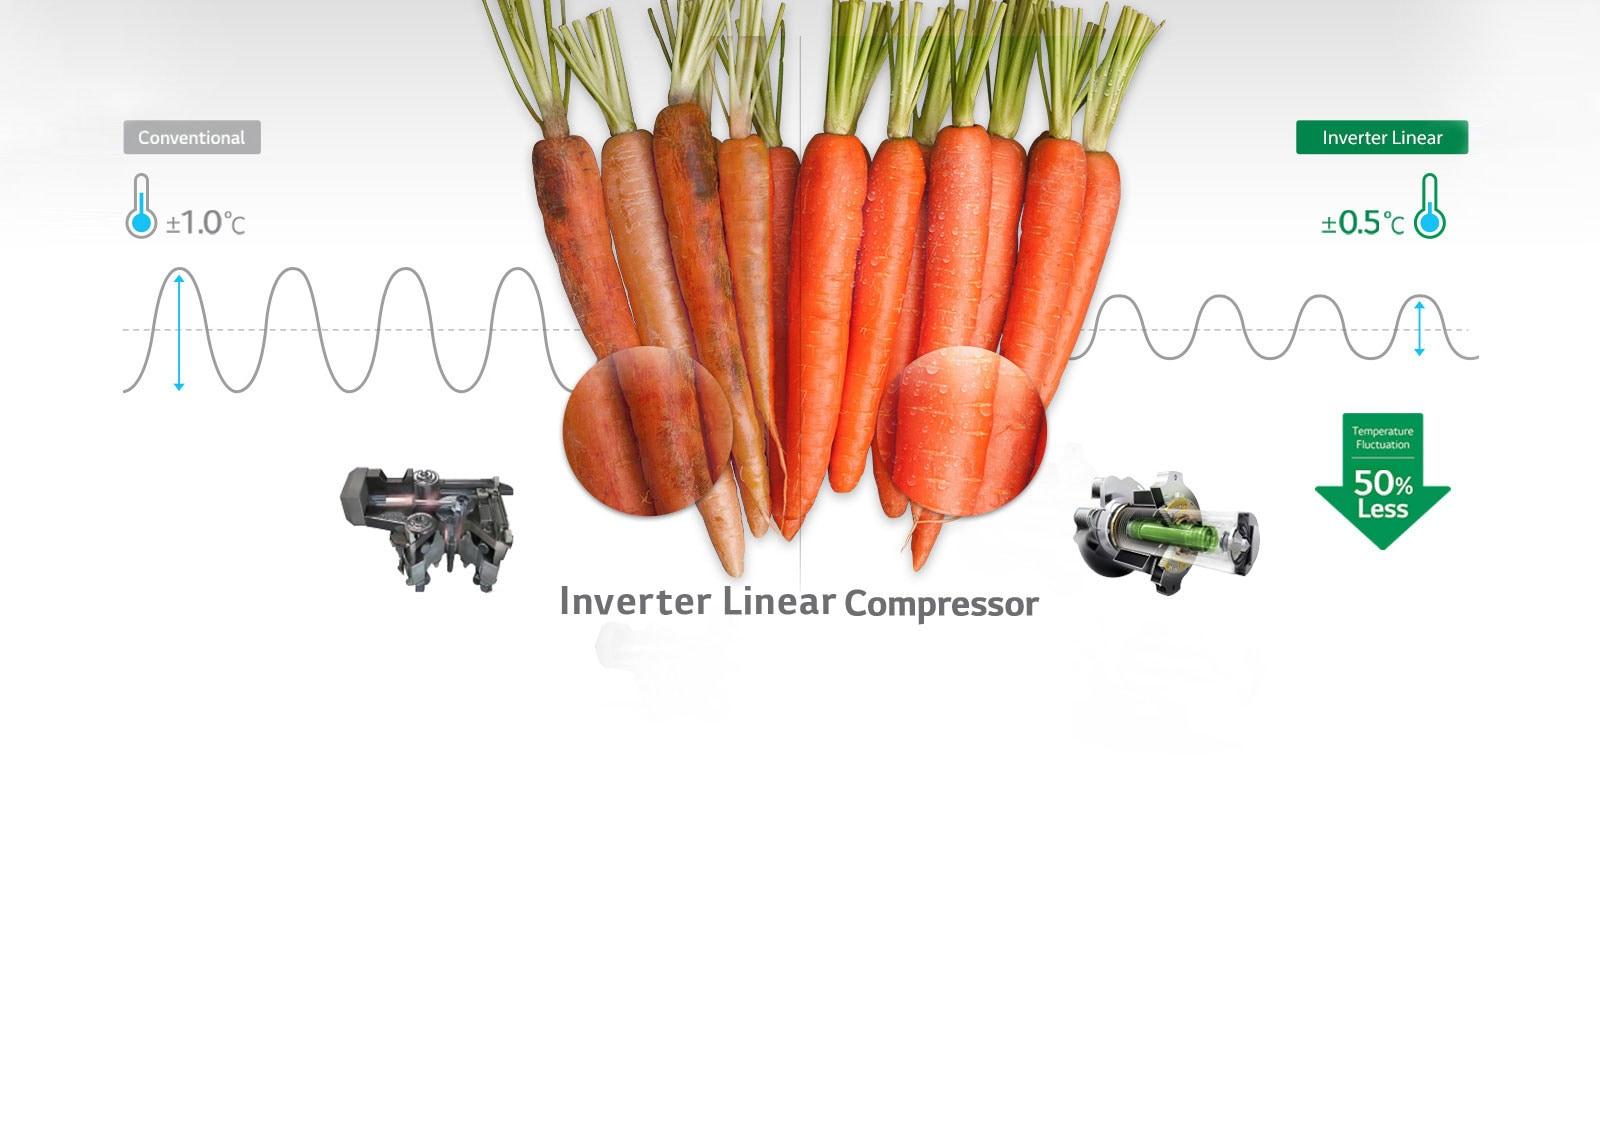 LG GL-T302RPZ3 284 Ltr Inverter Linear Compressor